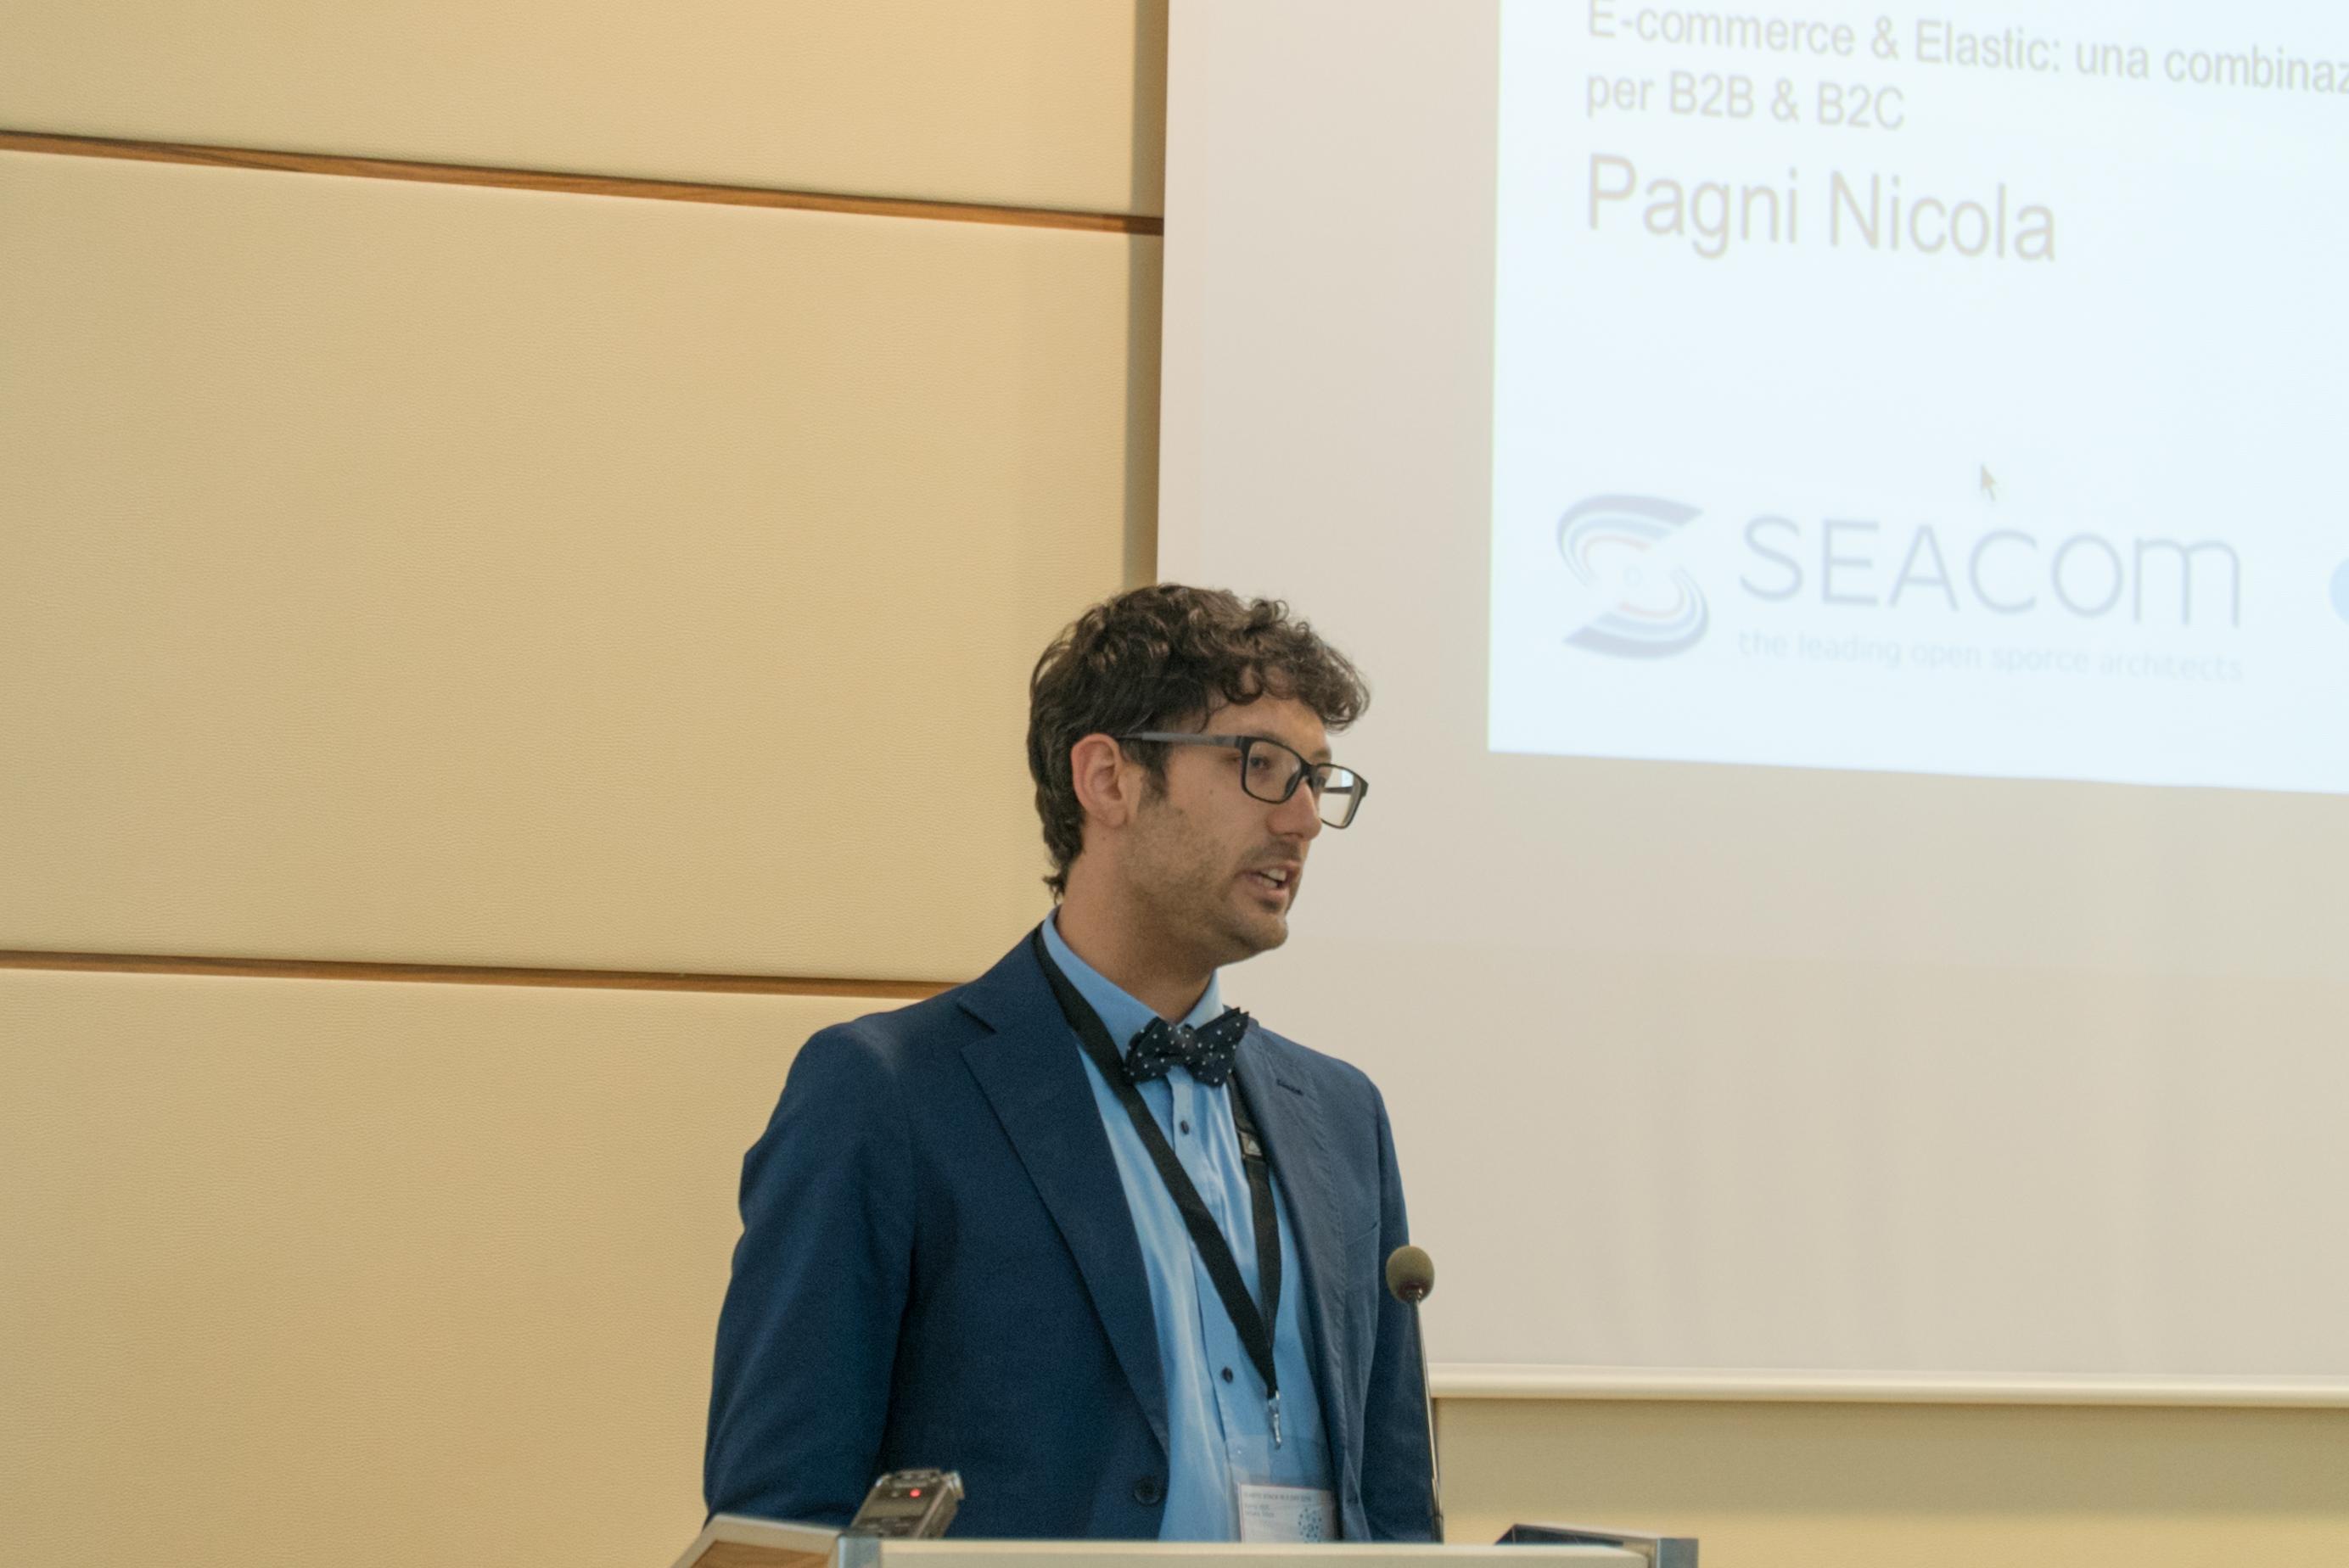 Nicola Pagni